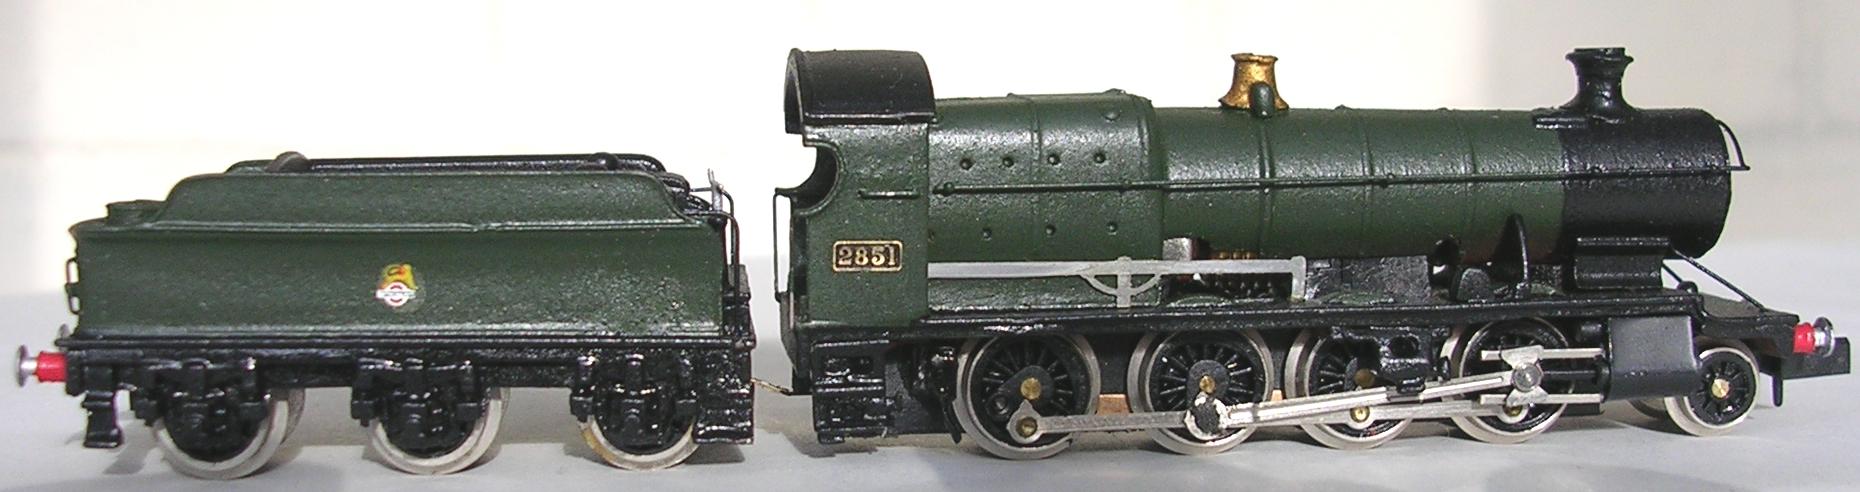 2001 GWR / BR 28XX 2-8-0